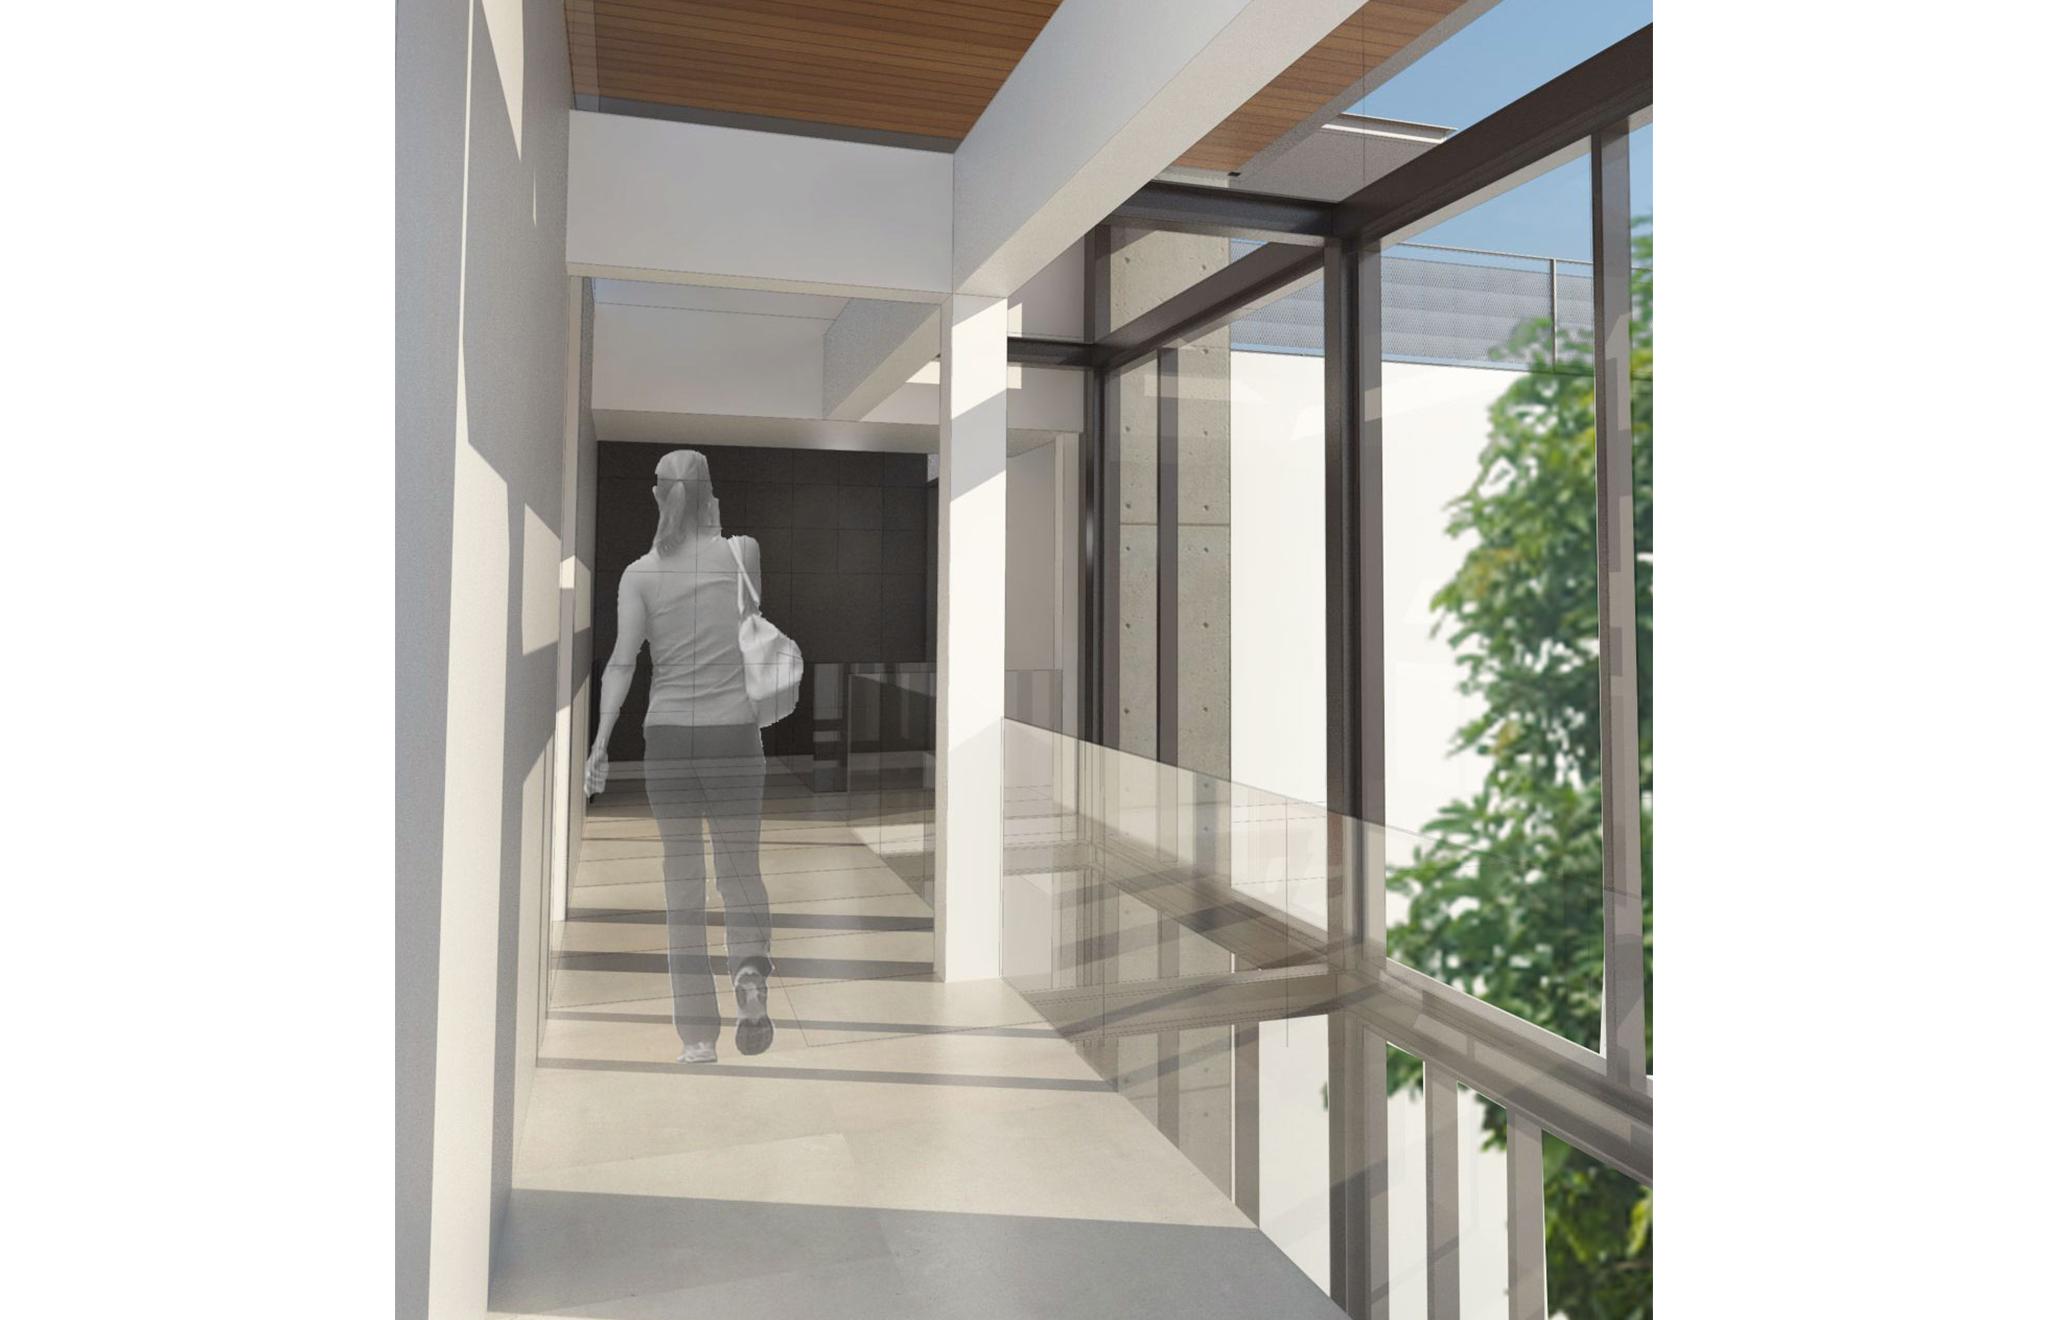 patta_corridor.jpg